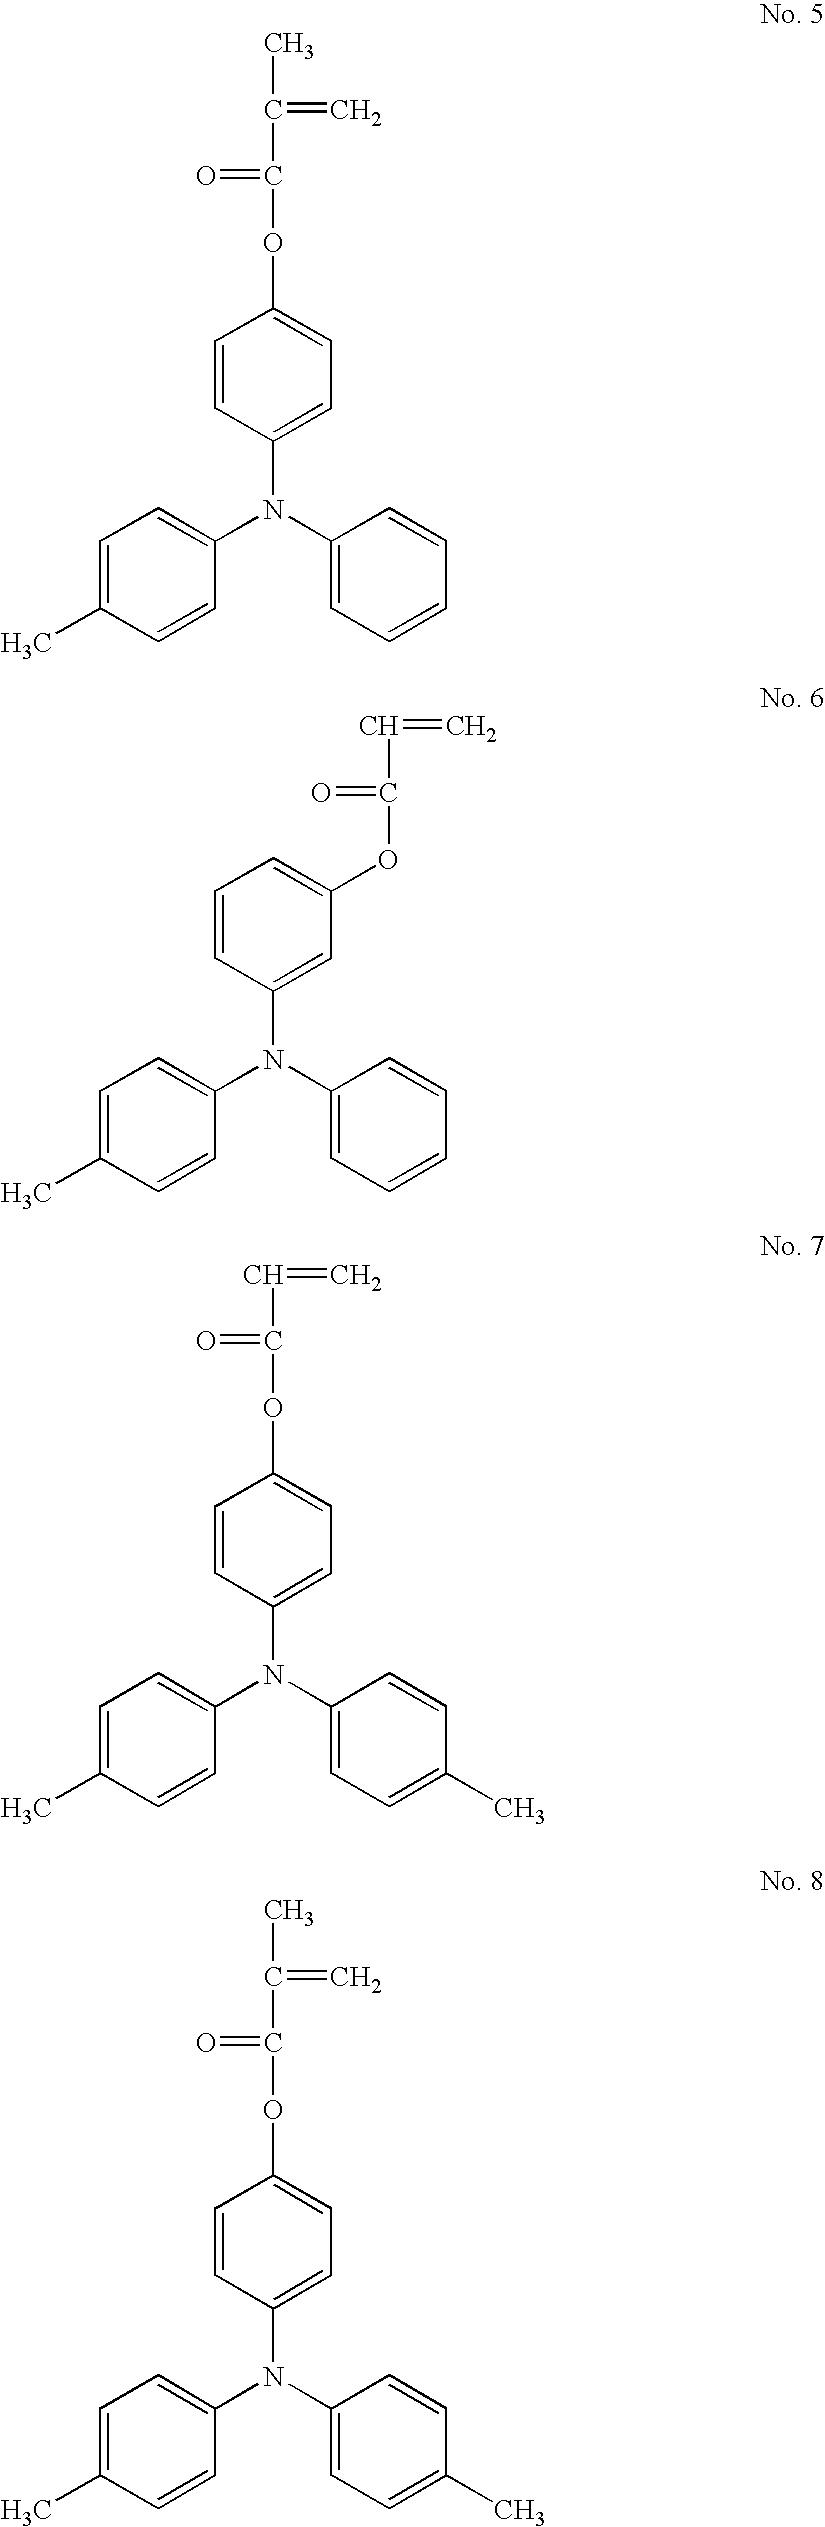 Figure US07824830-20101102-C00020